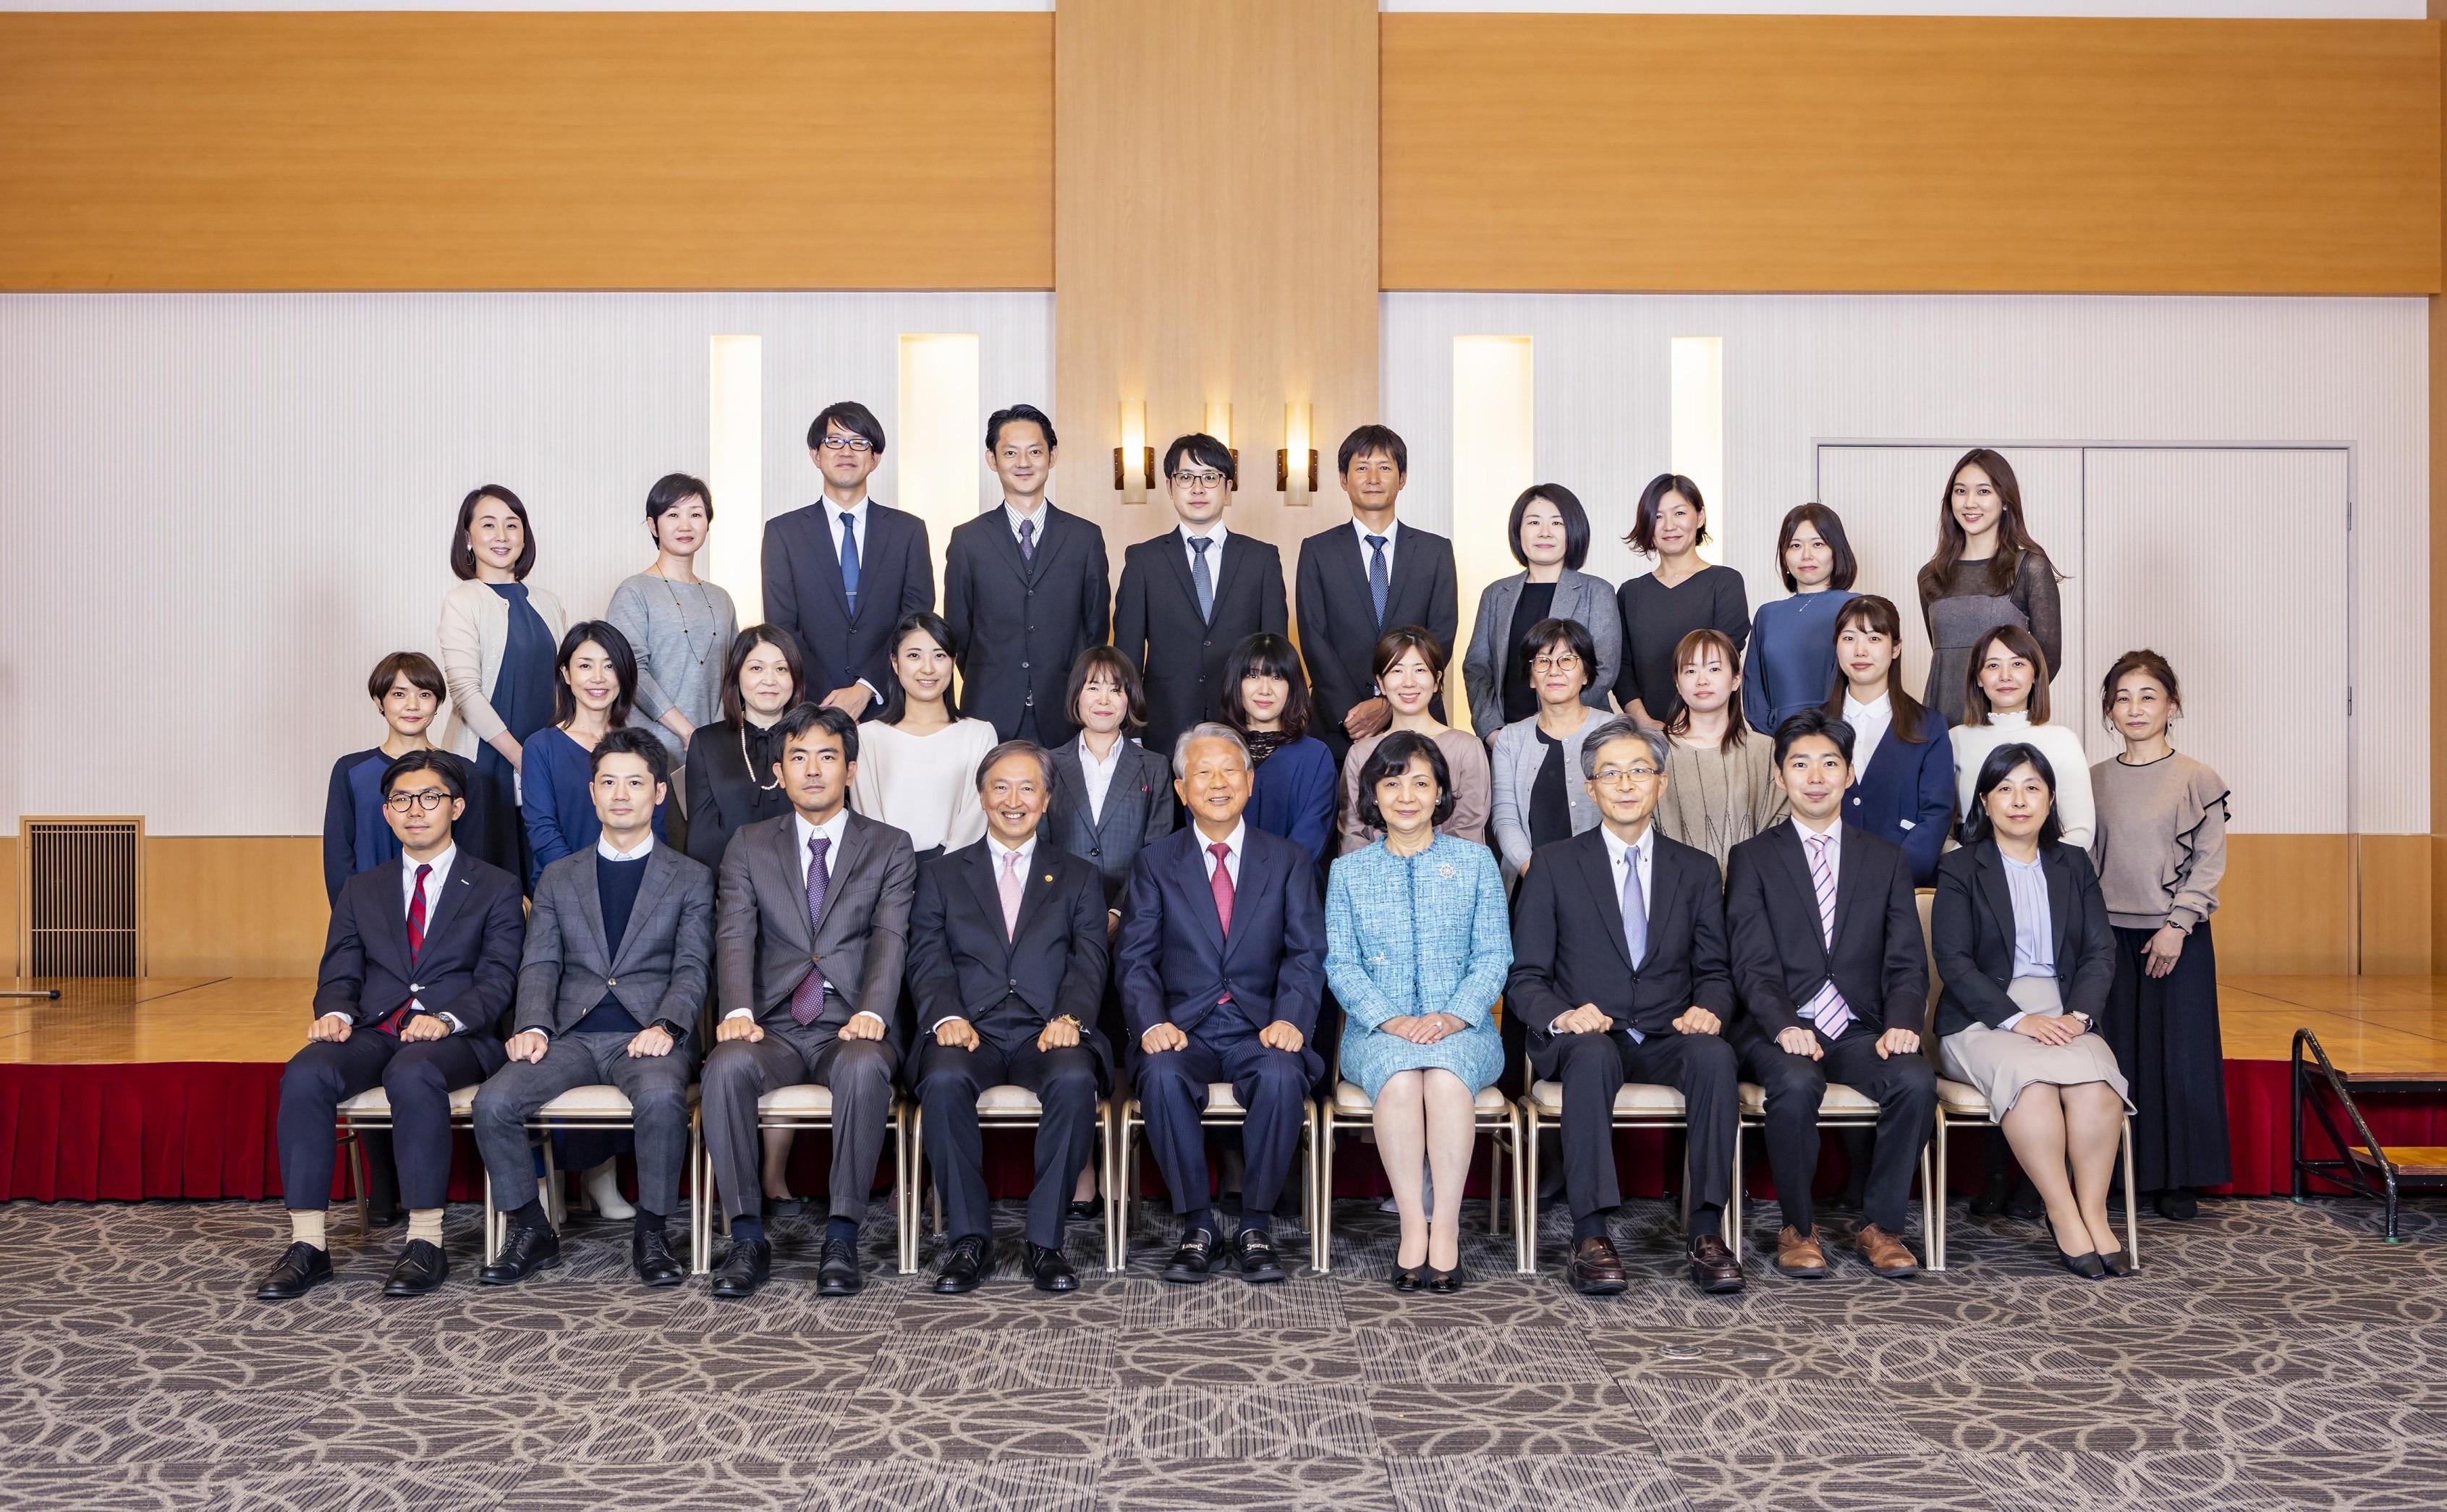 弁護士法人照国総合事務所